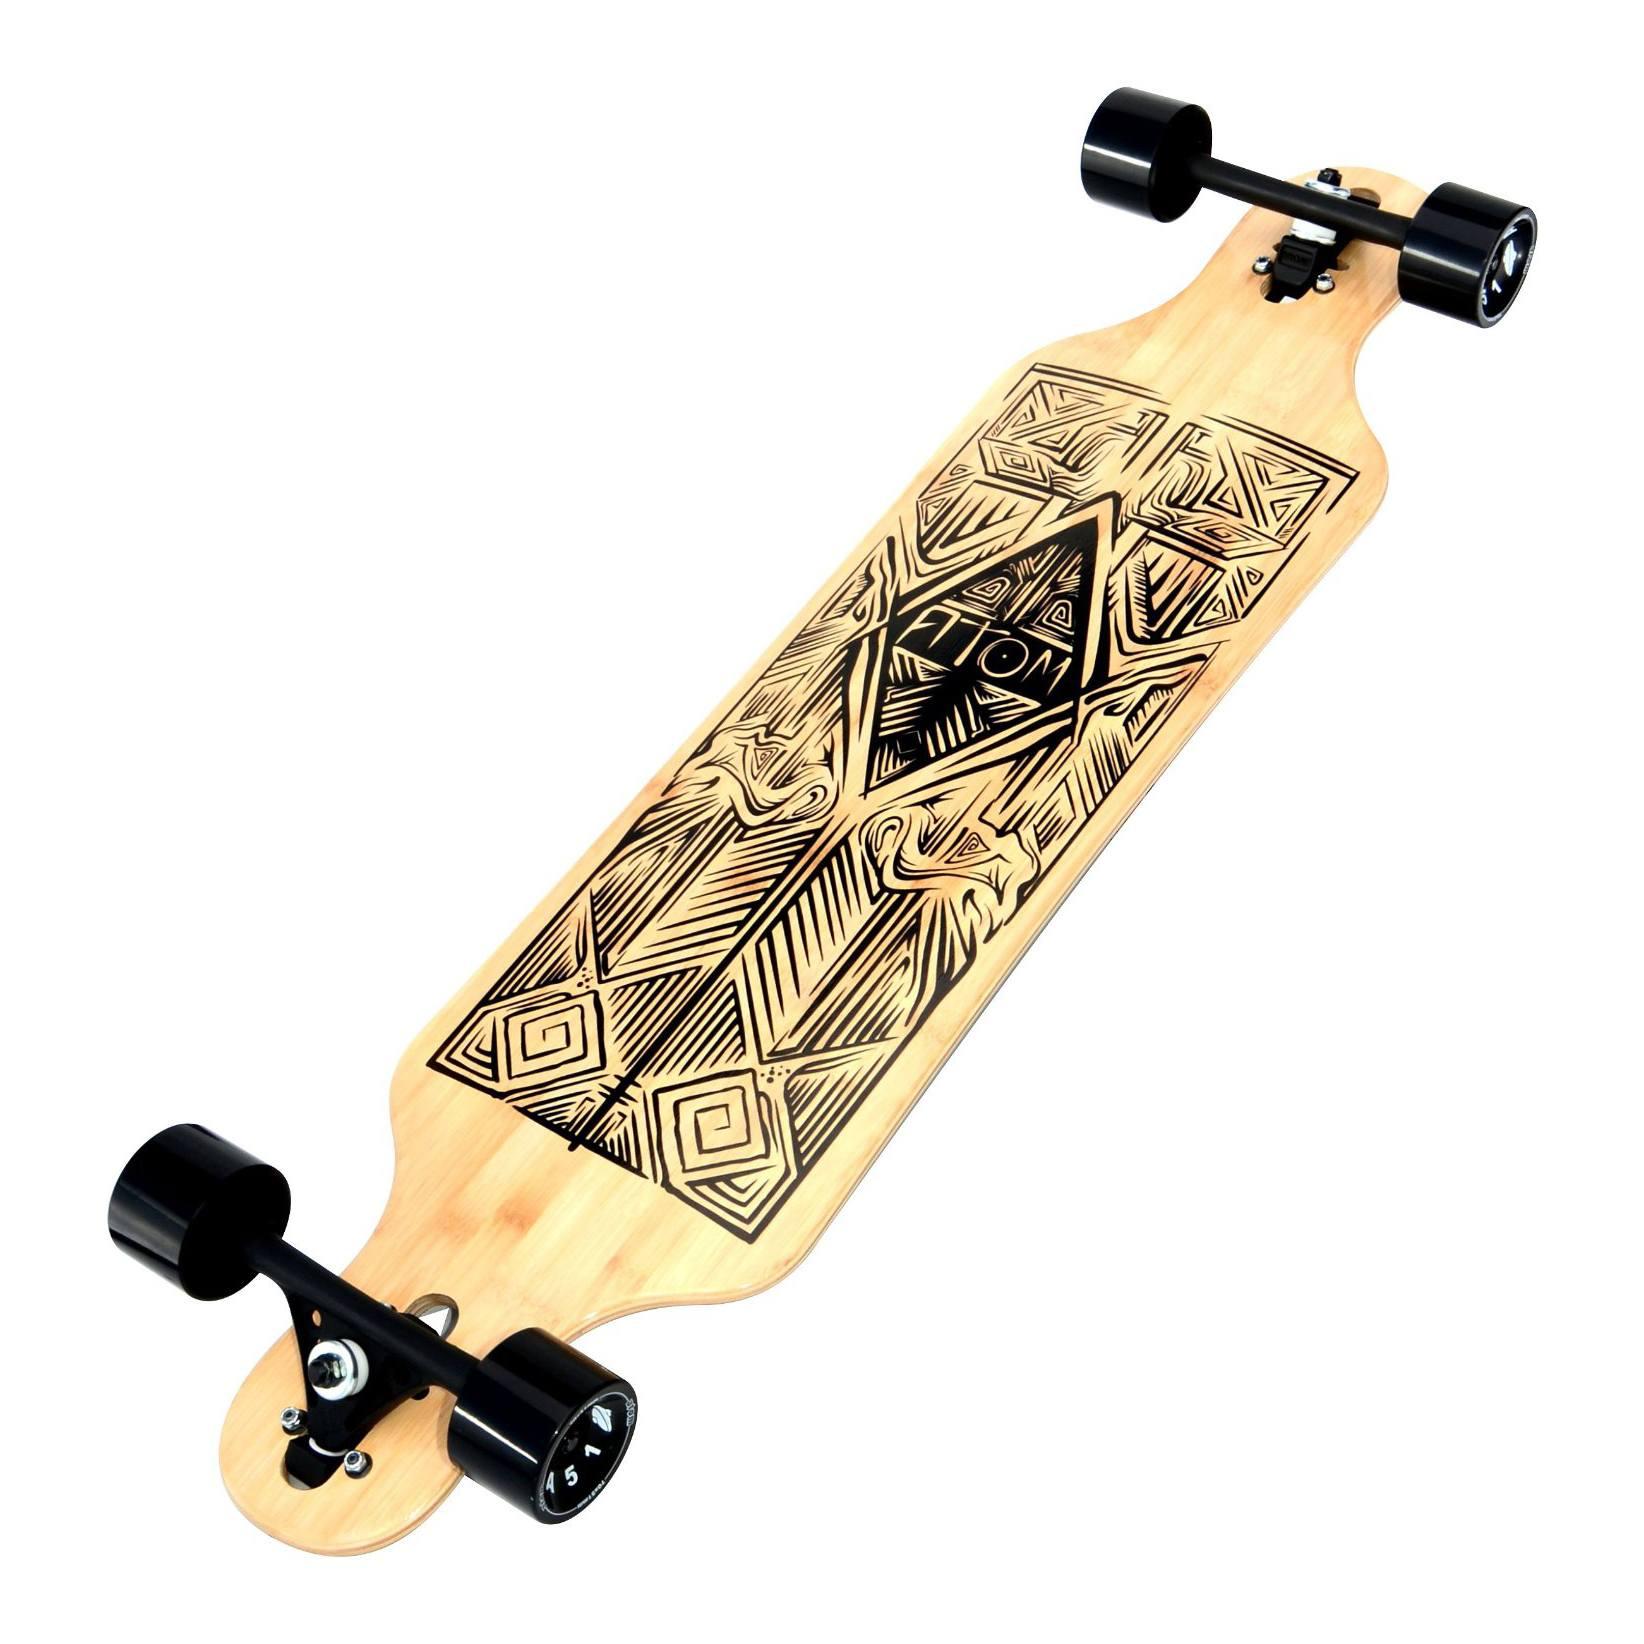 Longboard aus Bambus in Pin und Drop Form erhältlich